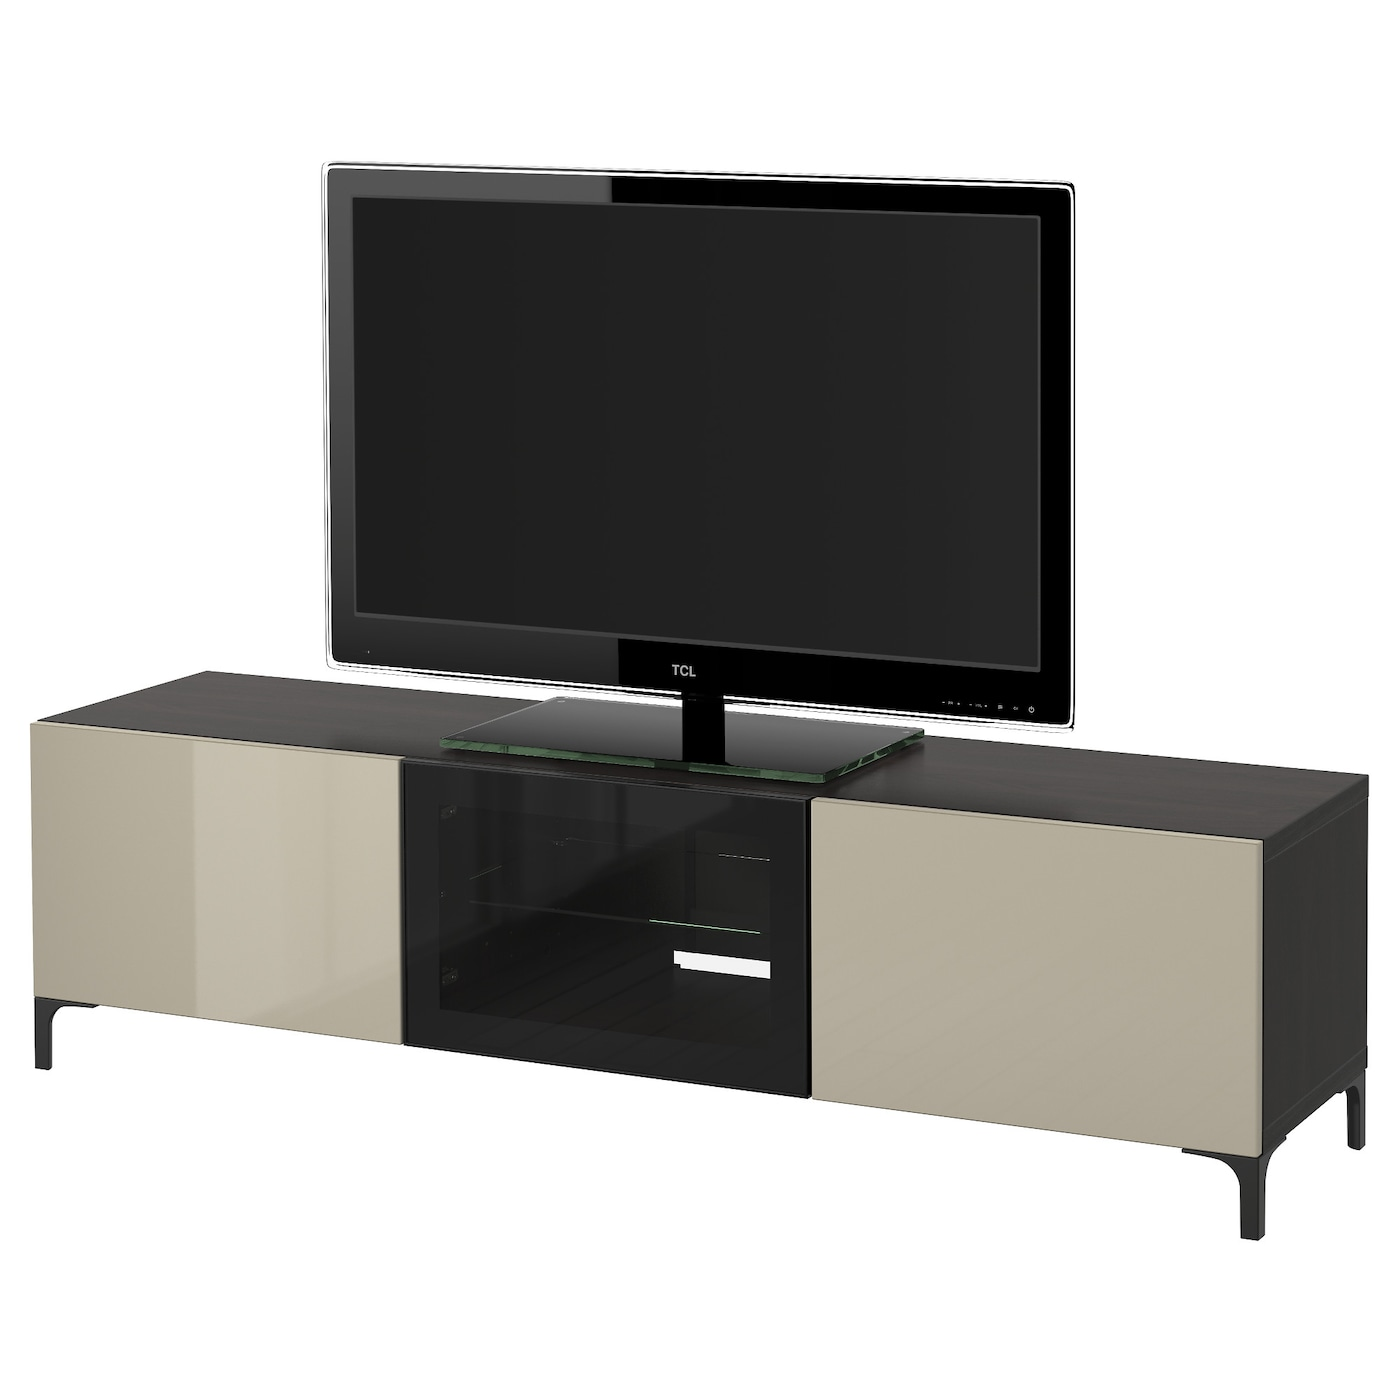 tv lowboards online kaufen m bel suchmaschine. Black Bedroom Furniture Sets. Home Design Ideas